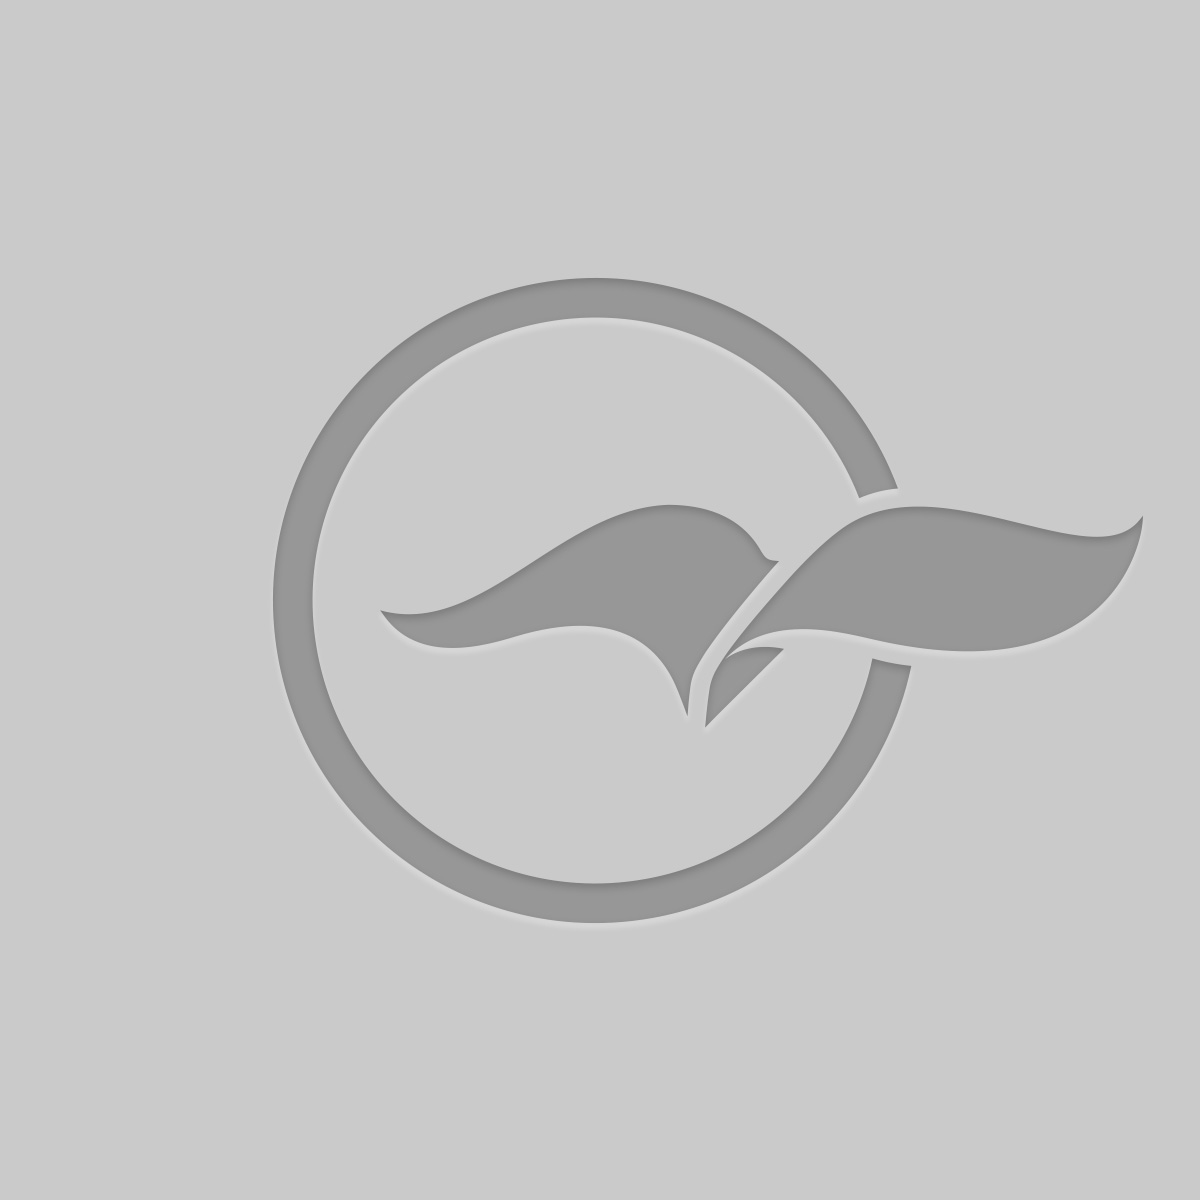 വ്യക്തികളുടെ സ്വകാര്യത സംരക്ഷിക്കണമെന്ന്  വാട്ട്സപ്പിനോട് ഡൽഹി ഹൈകോടതി